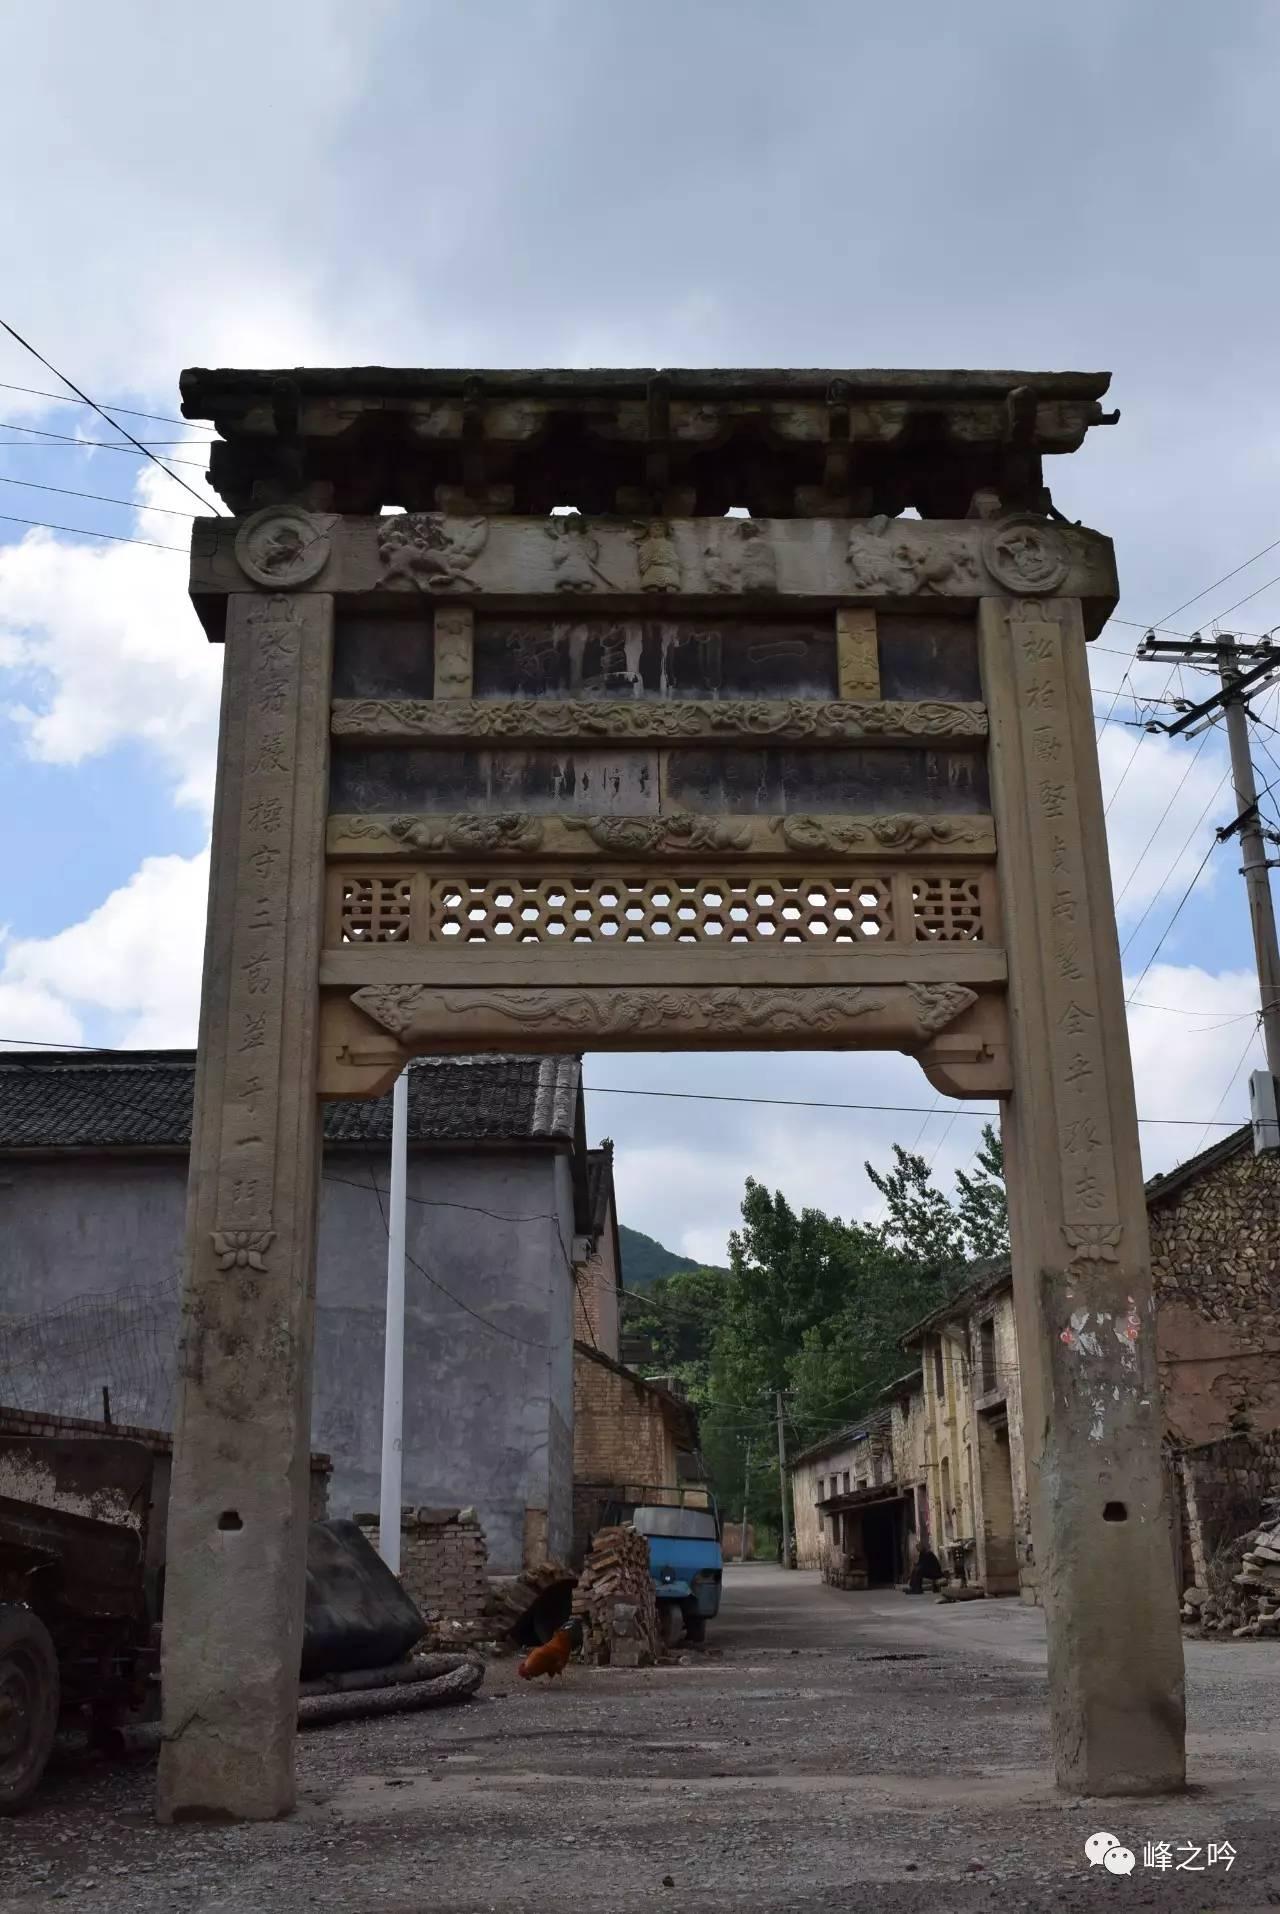 沁水县有多少人口_沁水县城这些地方增加了停车位